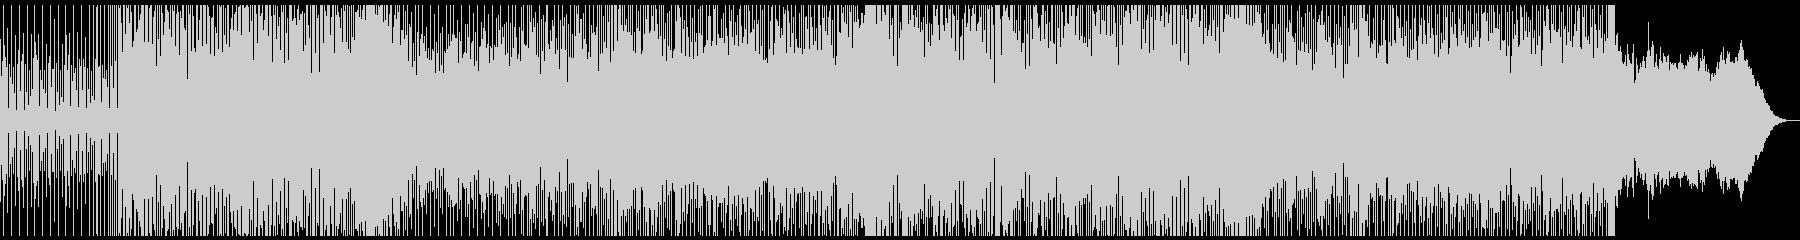 ふわふわとした牧歌的エレクトロニカの未再生の波形